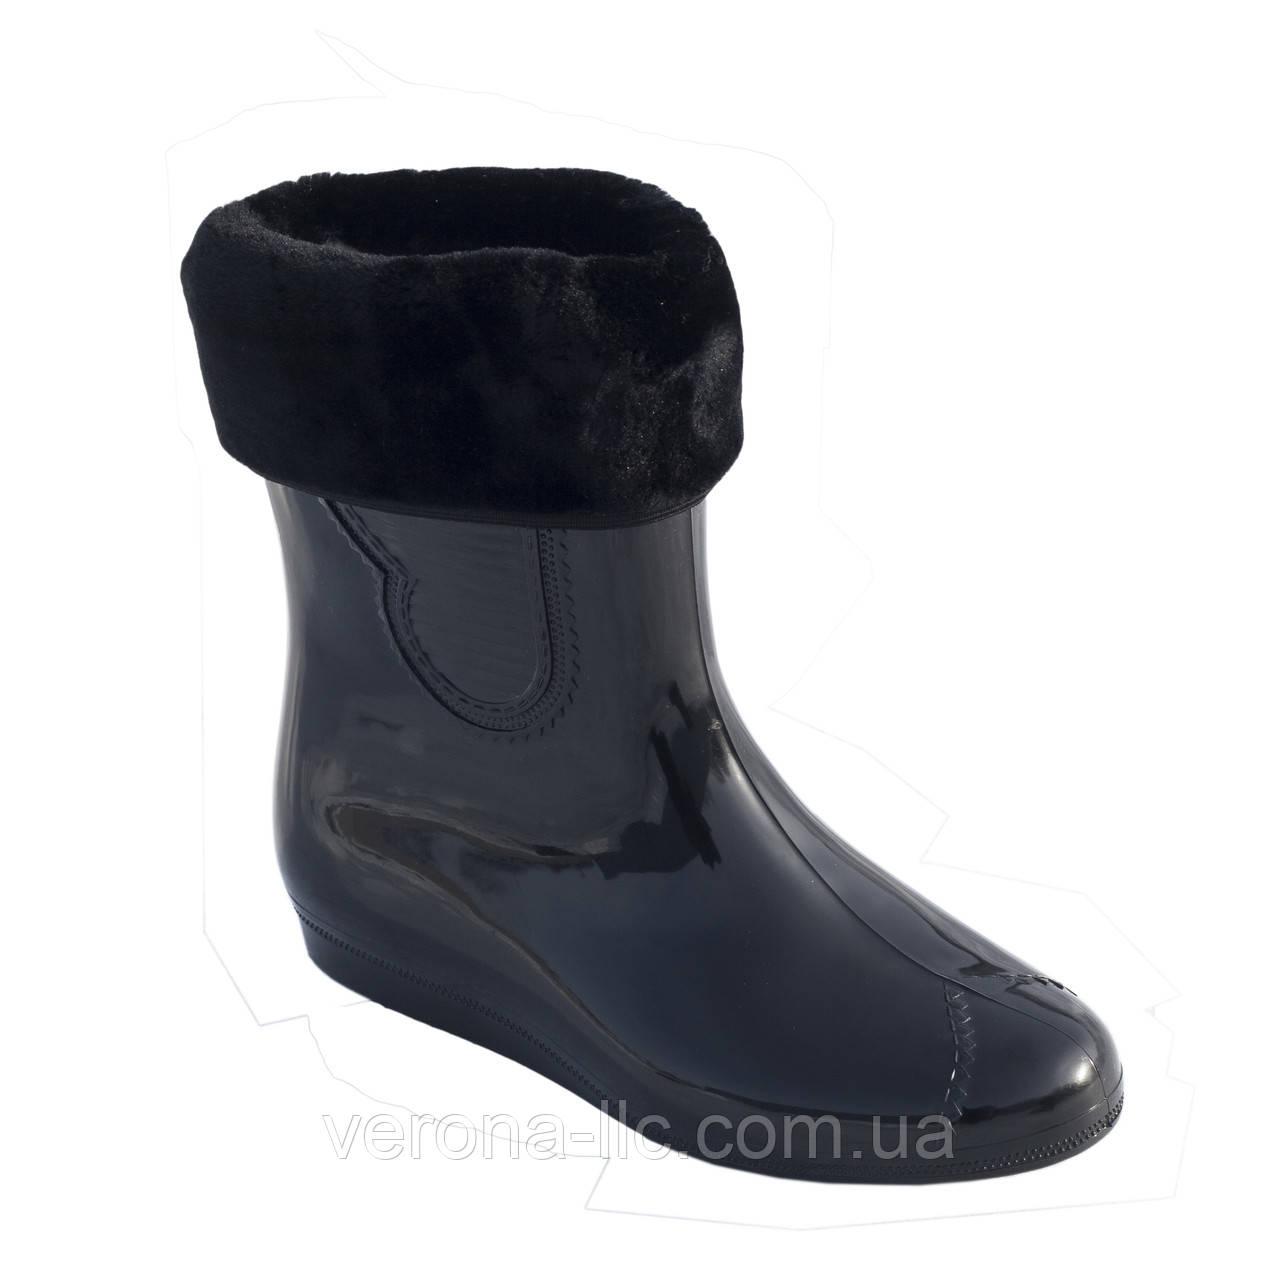 0f71adaec Сапоги резиновые женские силиконовые черные с мехом - Производство обуви